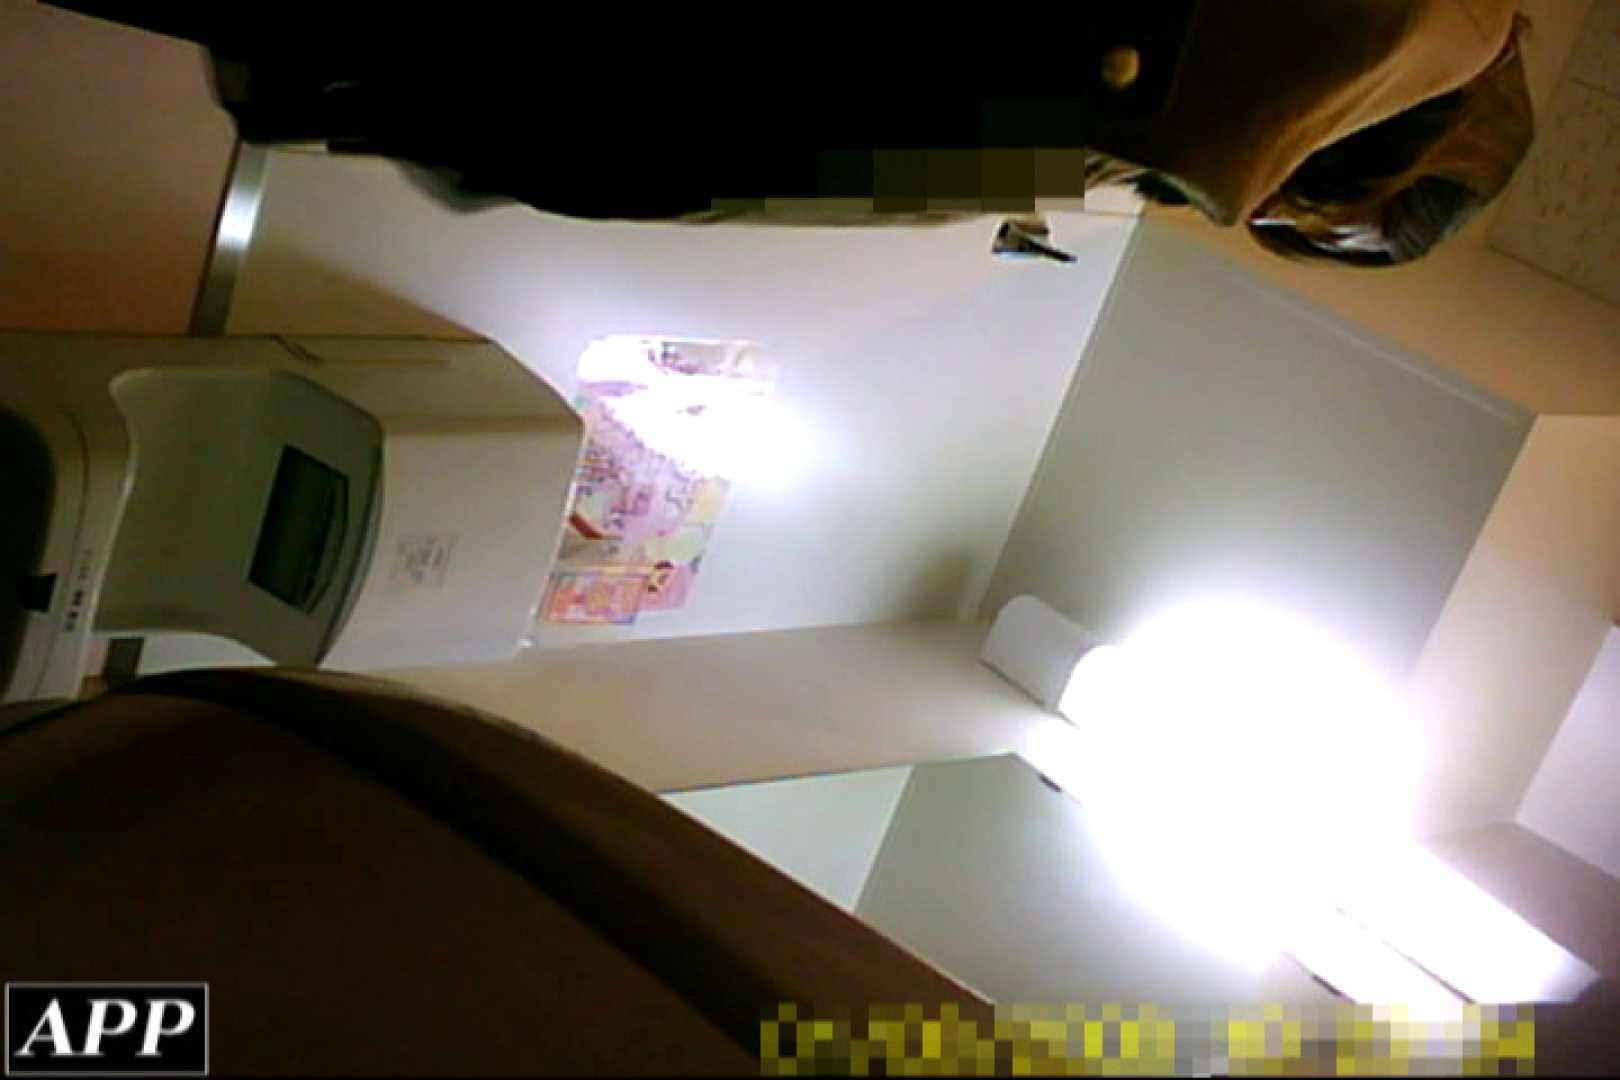 3視点洗面所 vol.49 OLの実態 隠し撮りオマンコ動画紹介 45pic 44